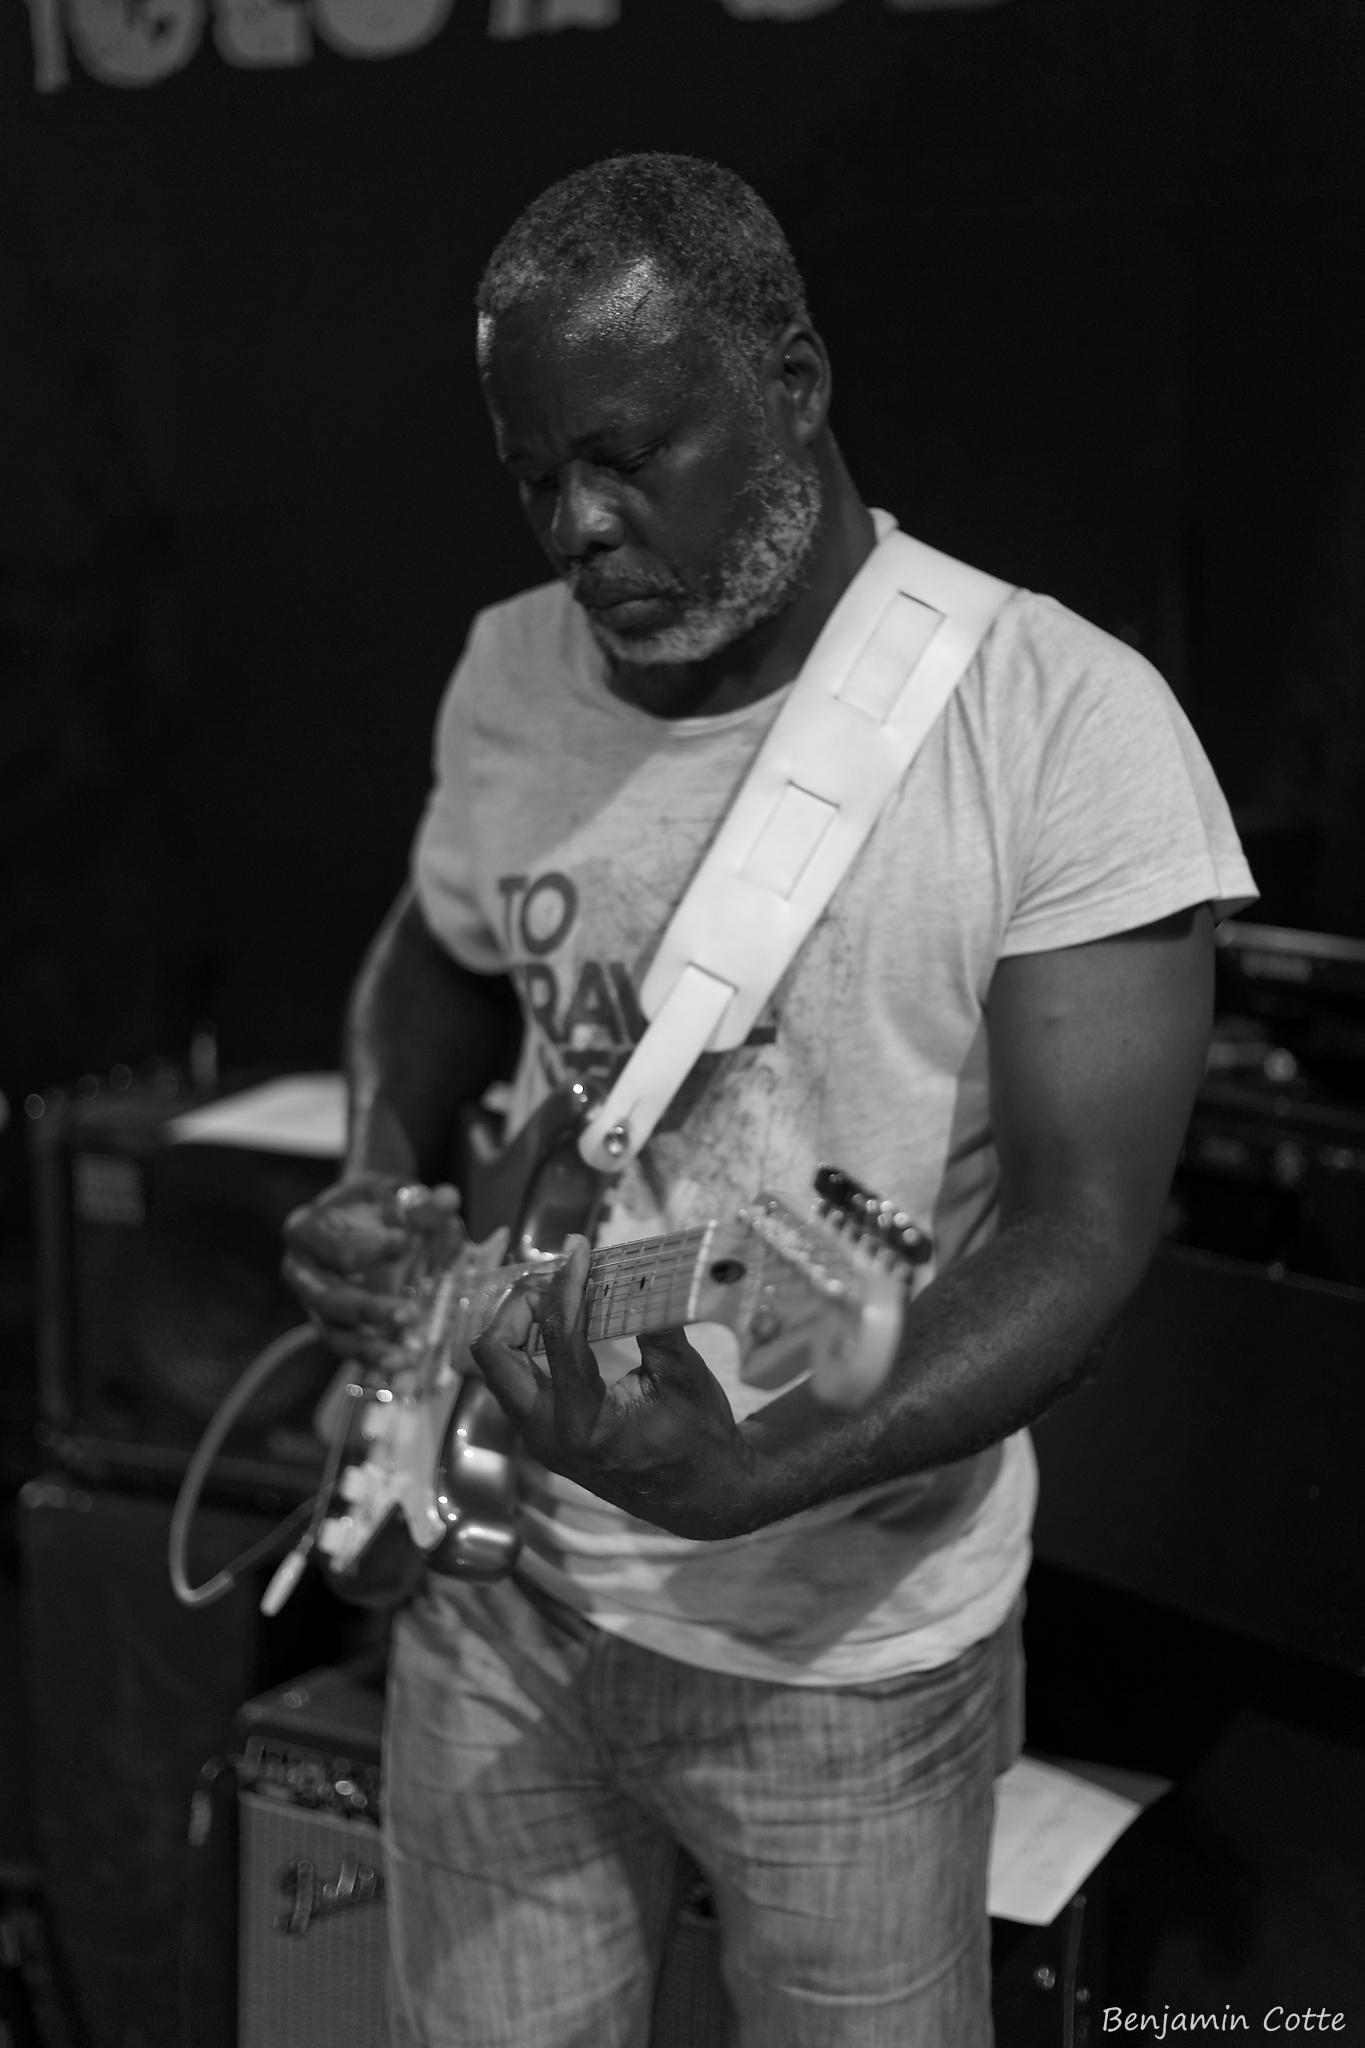 Bernard à la guitare